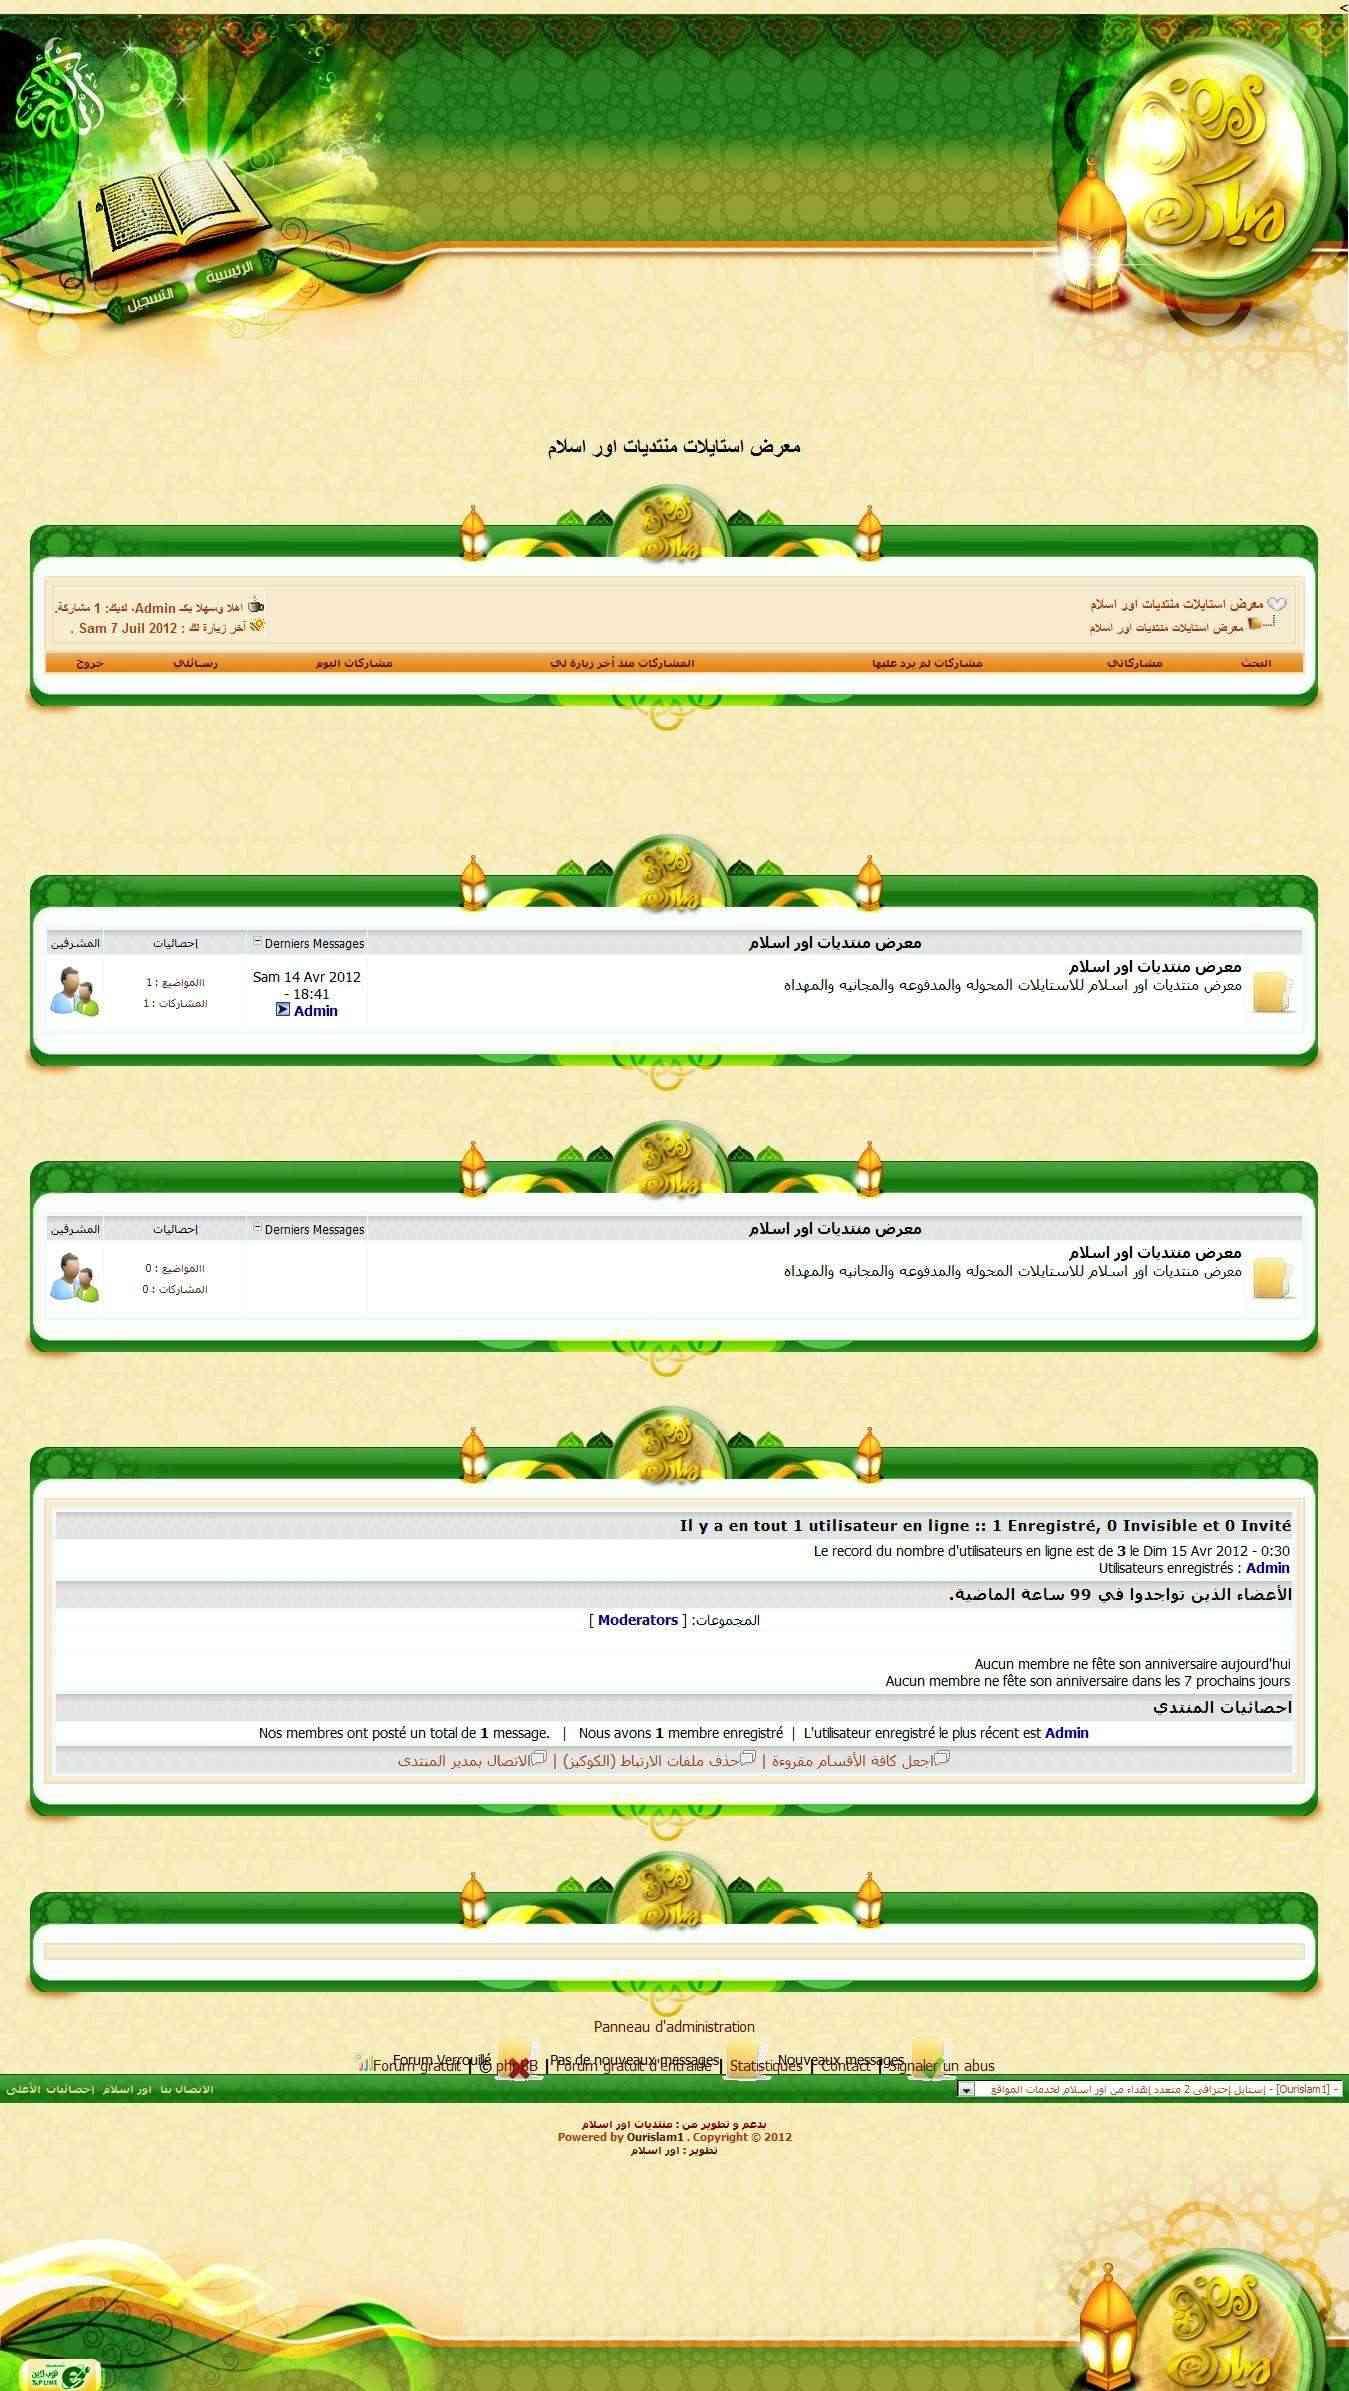 إستايل رمضان البيج ، استايل فلاشى احترافى ، استايل بالتومبيلات مجانى 2012 ، إهداء من اور اسلام لخدمات المواقع Ourisl17